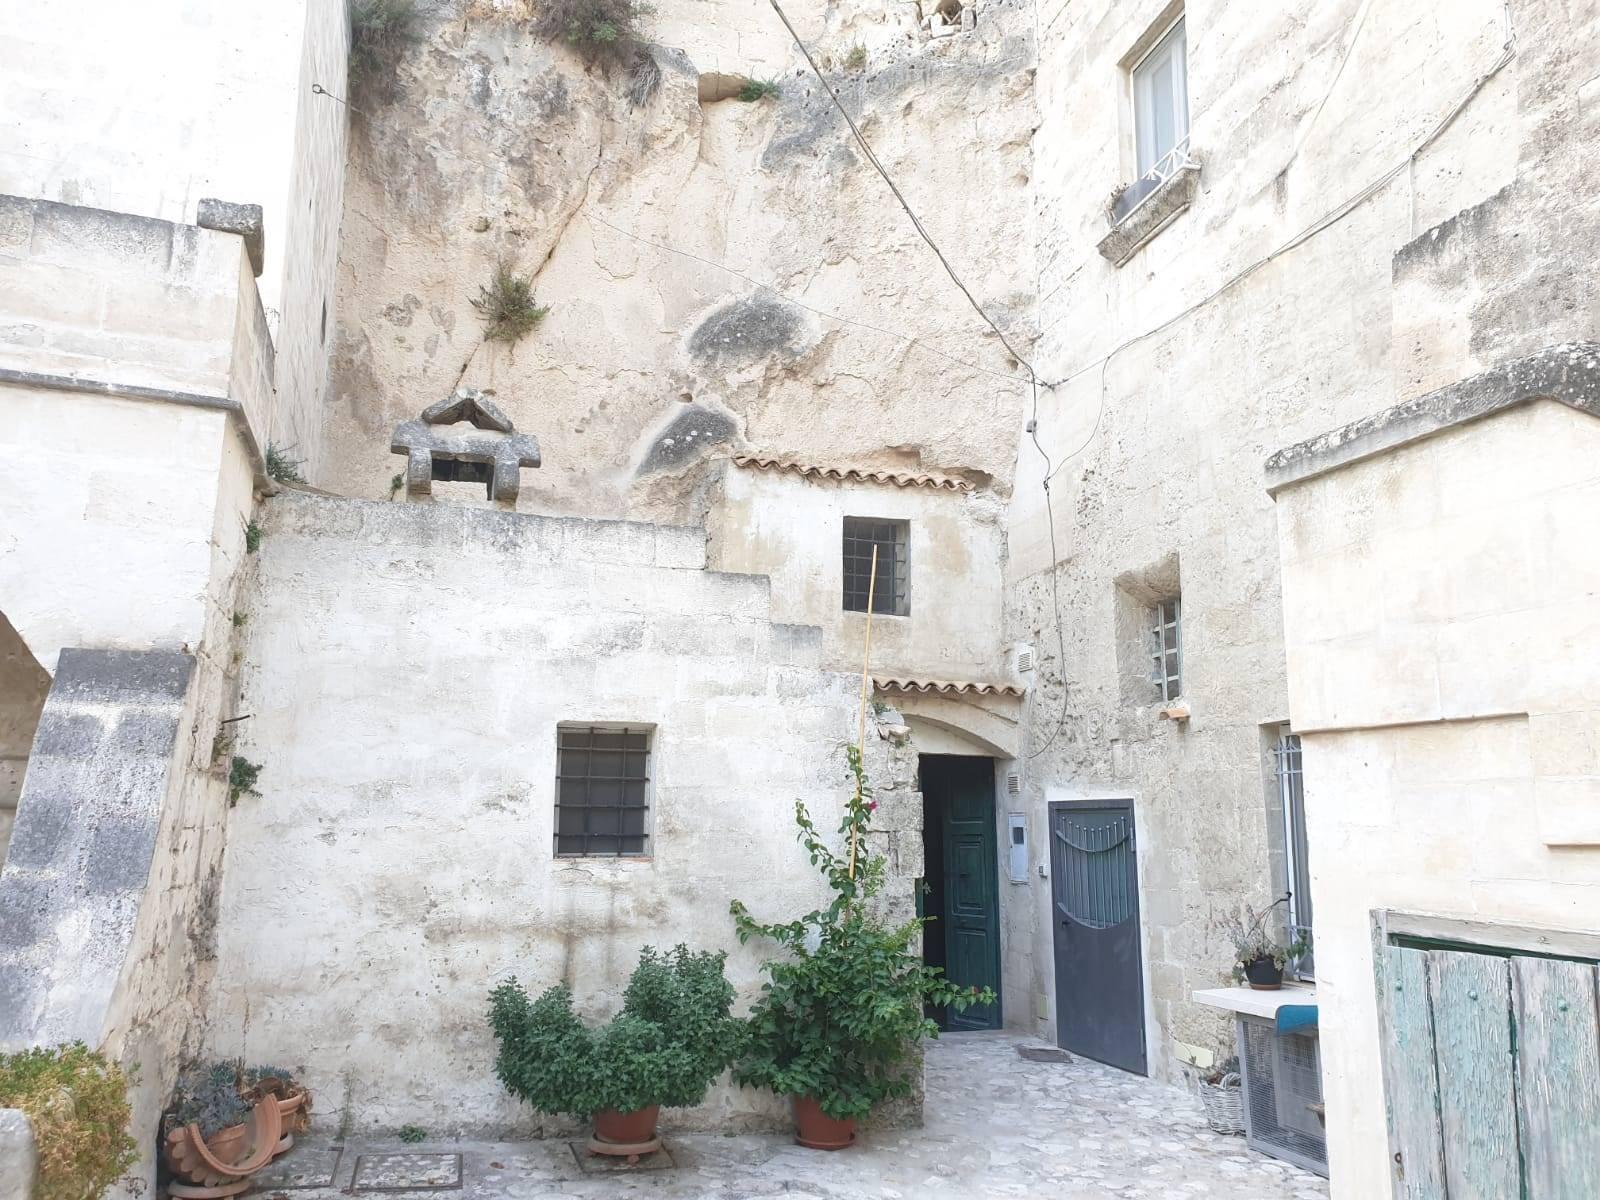 Appartamento in vendita a Matera, 3 locali, zona ro storico, prezzo € 103.000 | PortaleAgenzieImmobiliari.it